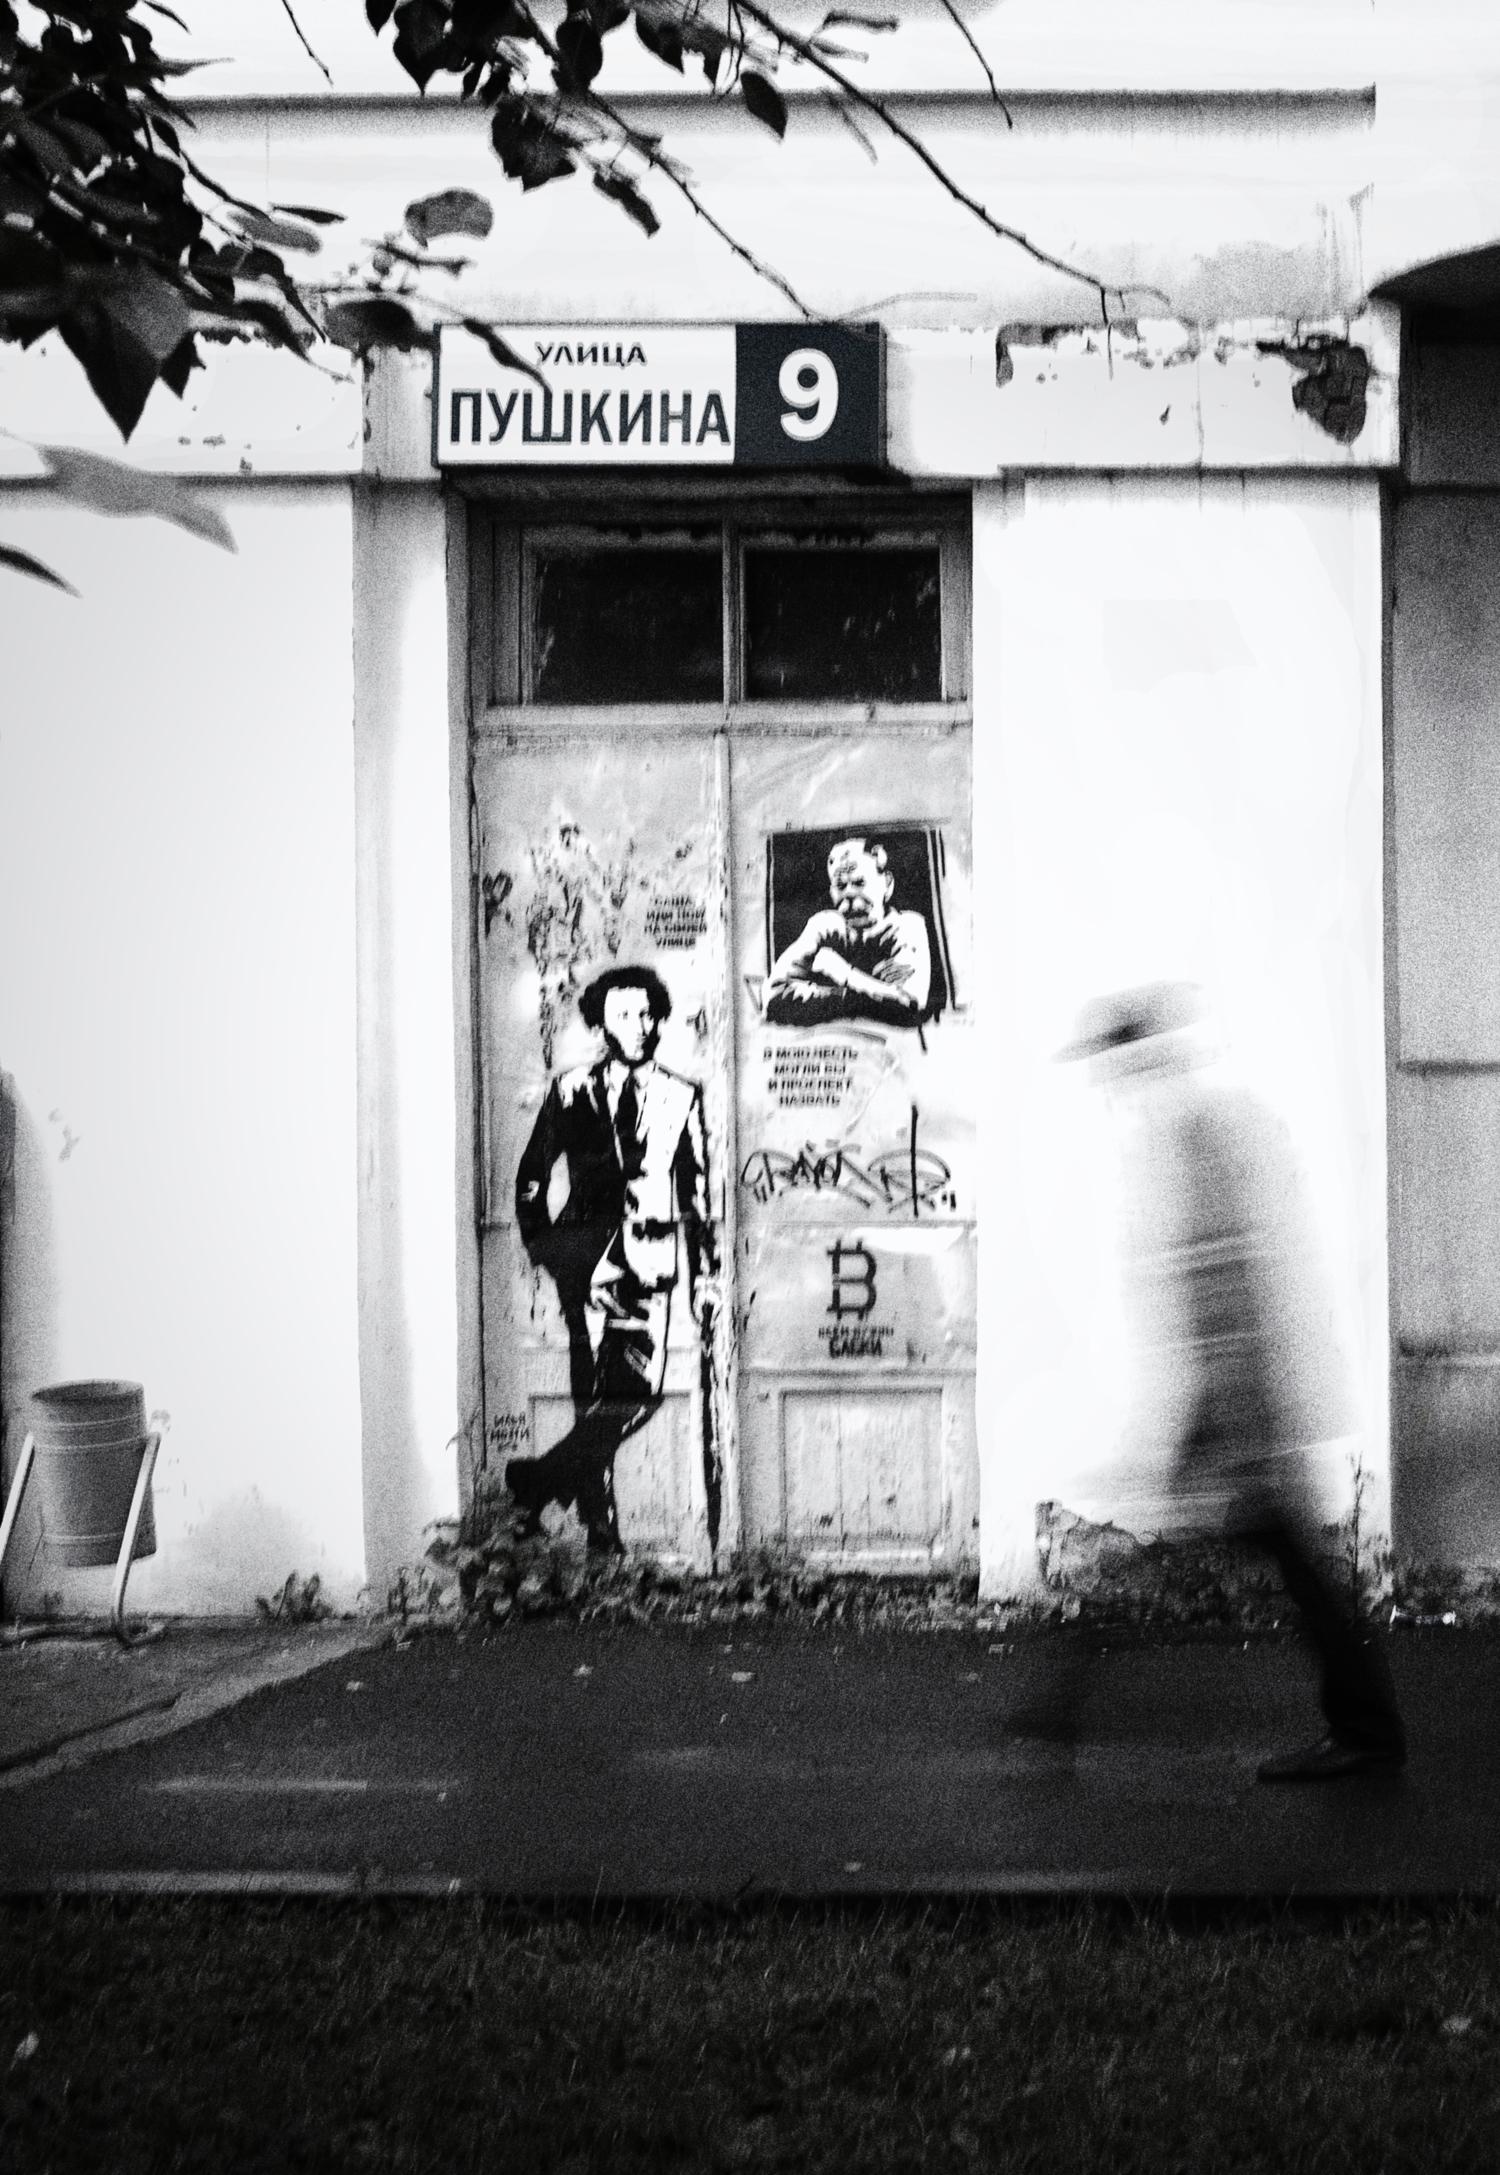 Пушкин street